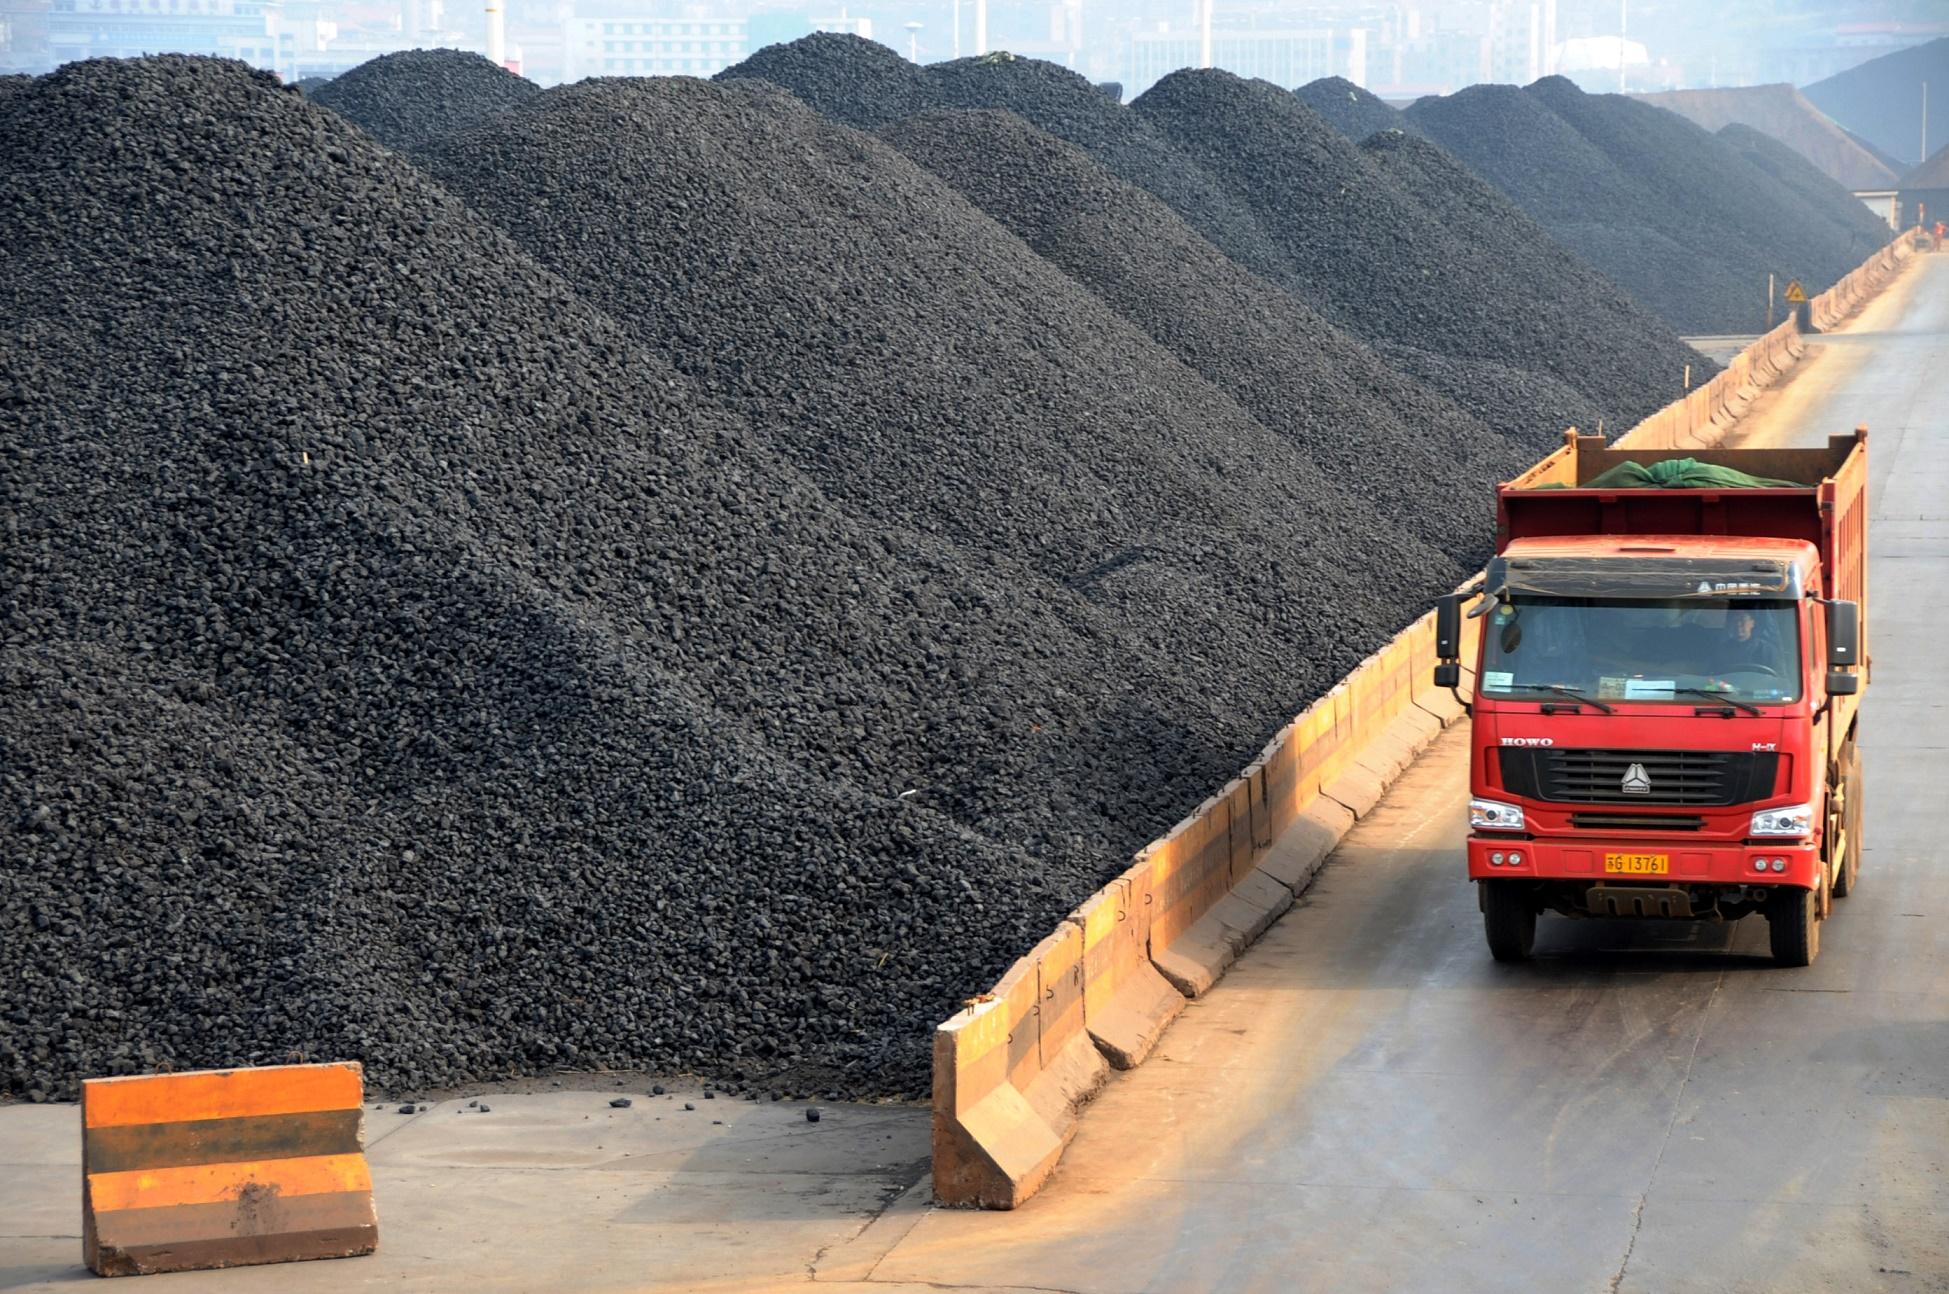 Apesar de ser um dos campeões mundiais no consumo de carvão, a China está entre os 40 países que utilizam mecanismos de precificação do carbono